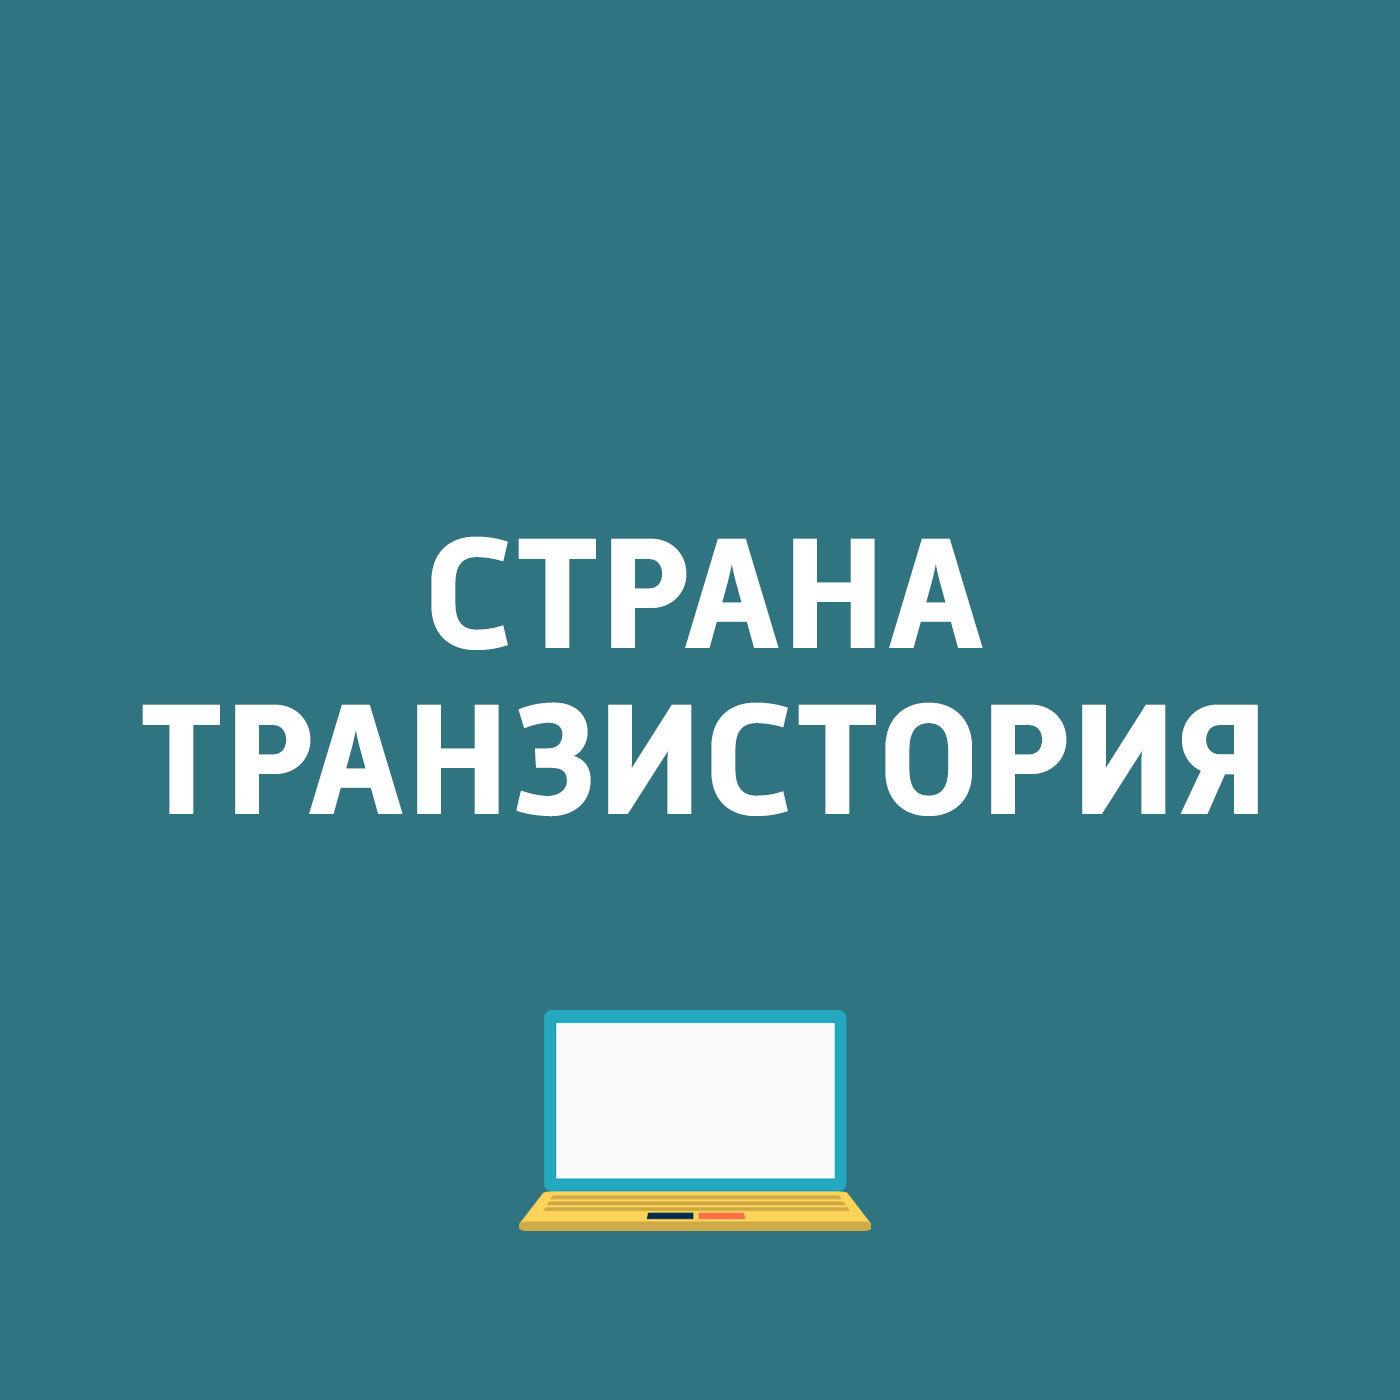 Картаев Павел TrendForce поделилась информацией о новых айфонах; Новейшая версия мобильной ОС Android Pie; Взломы аккаунтов в Instagram